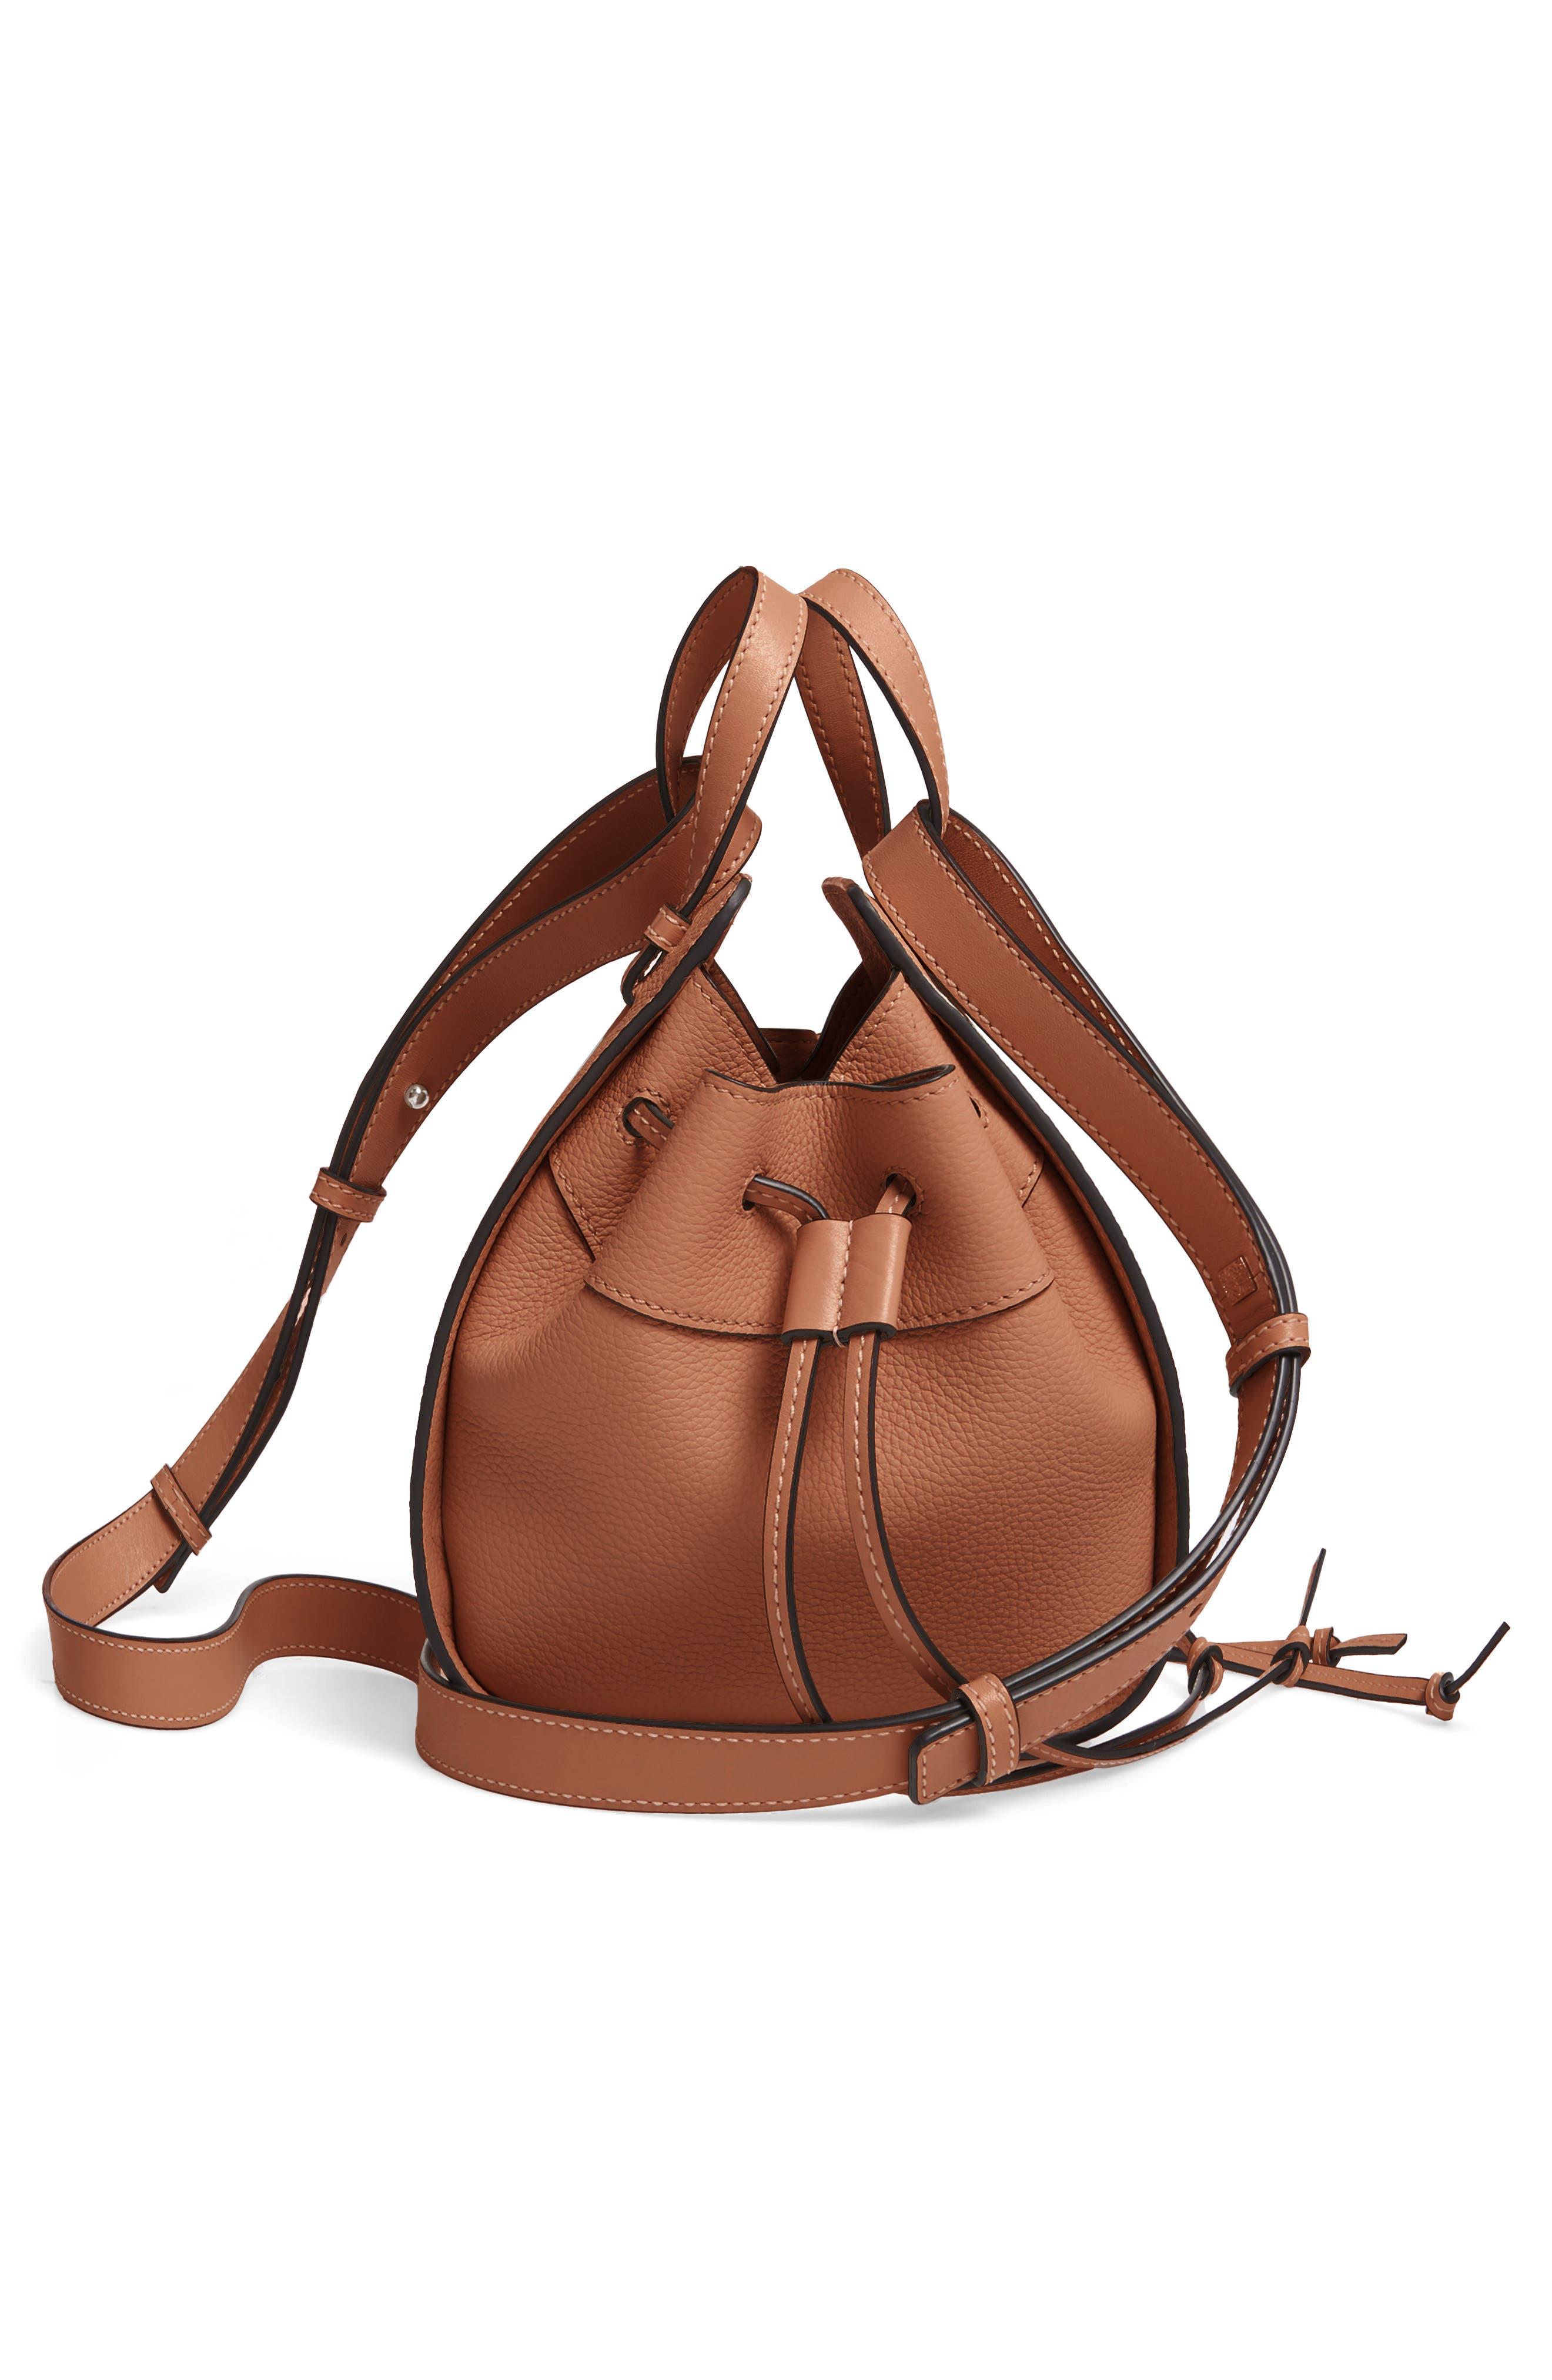 LOEWE,                             Mini Hammock Calfskin Leather Hobo Bag,                             Alternate thumbnail 6, color,                             TAN